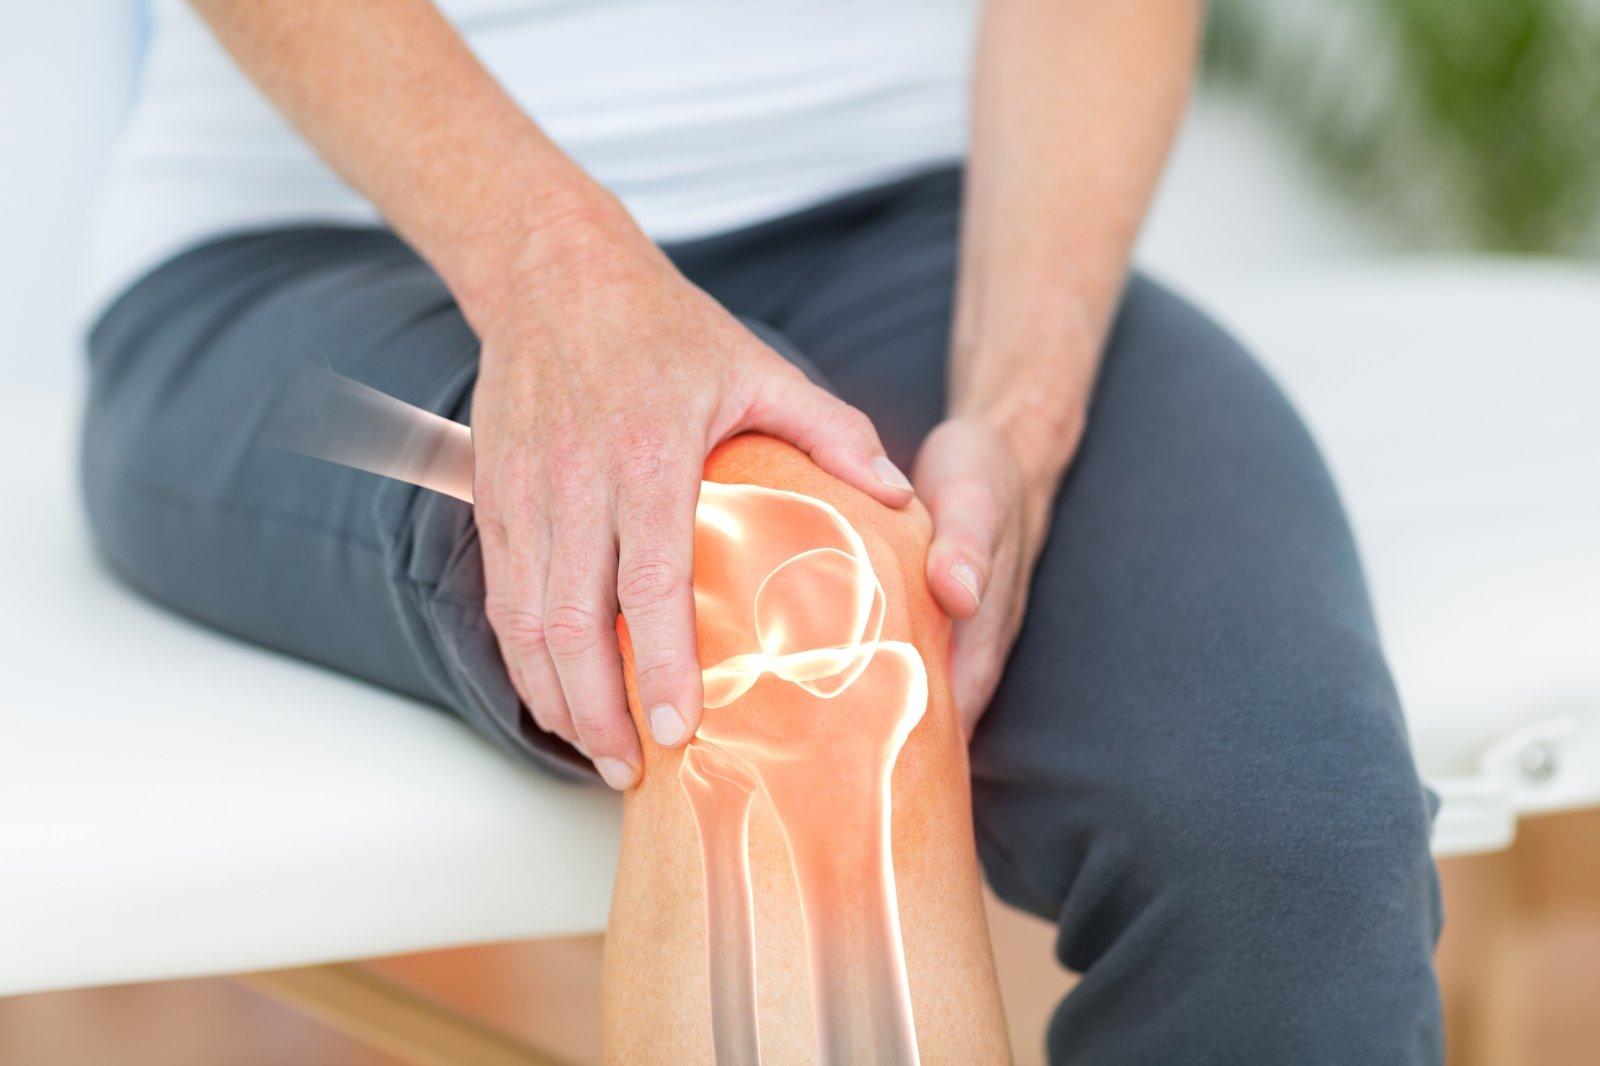 ligos nuo pavadinimų sąnarių gydymas osteoartritu alkūnės sąnario namuose